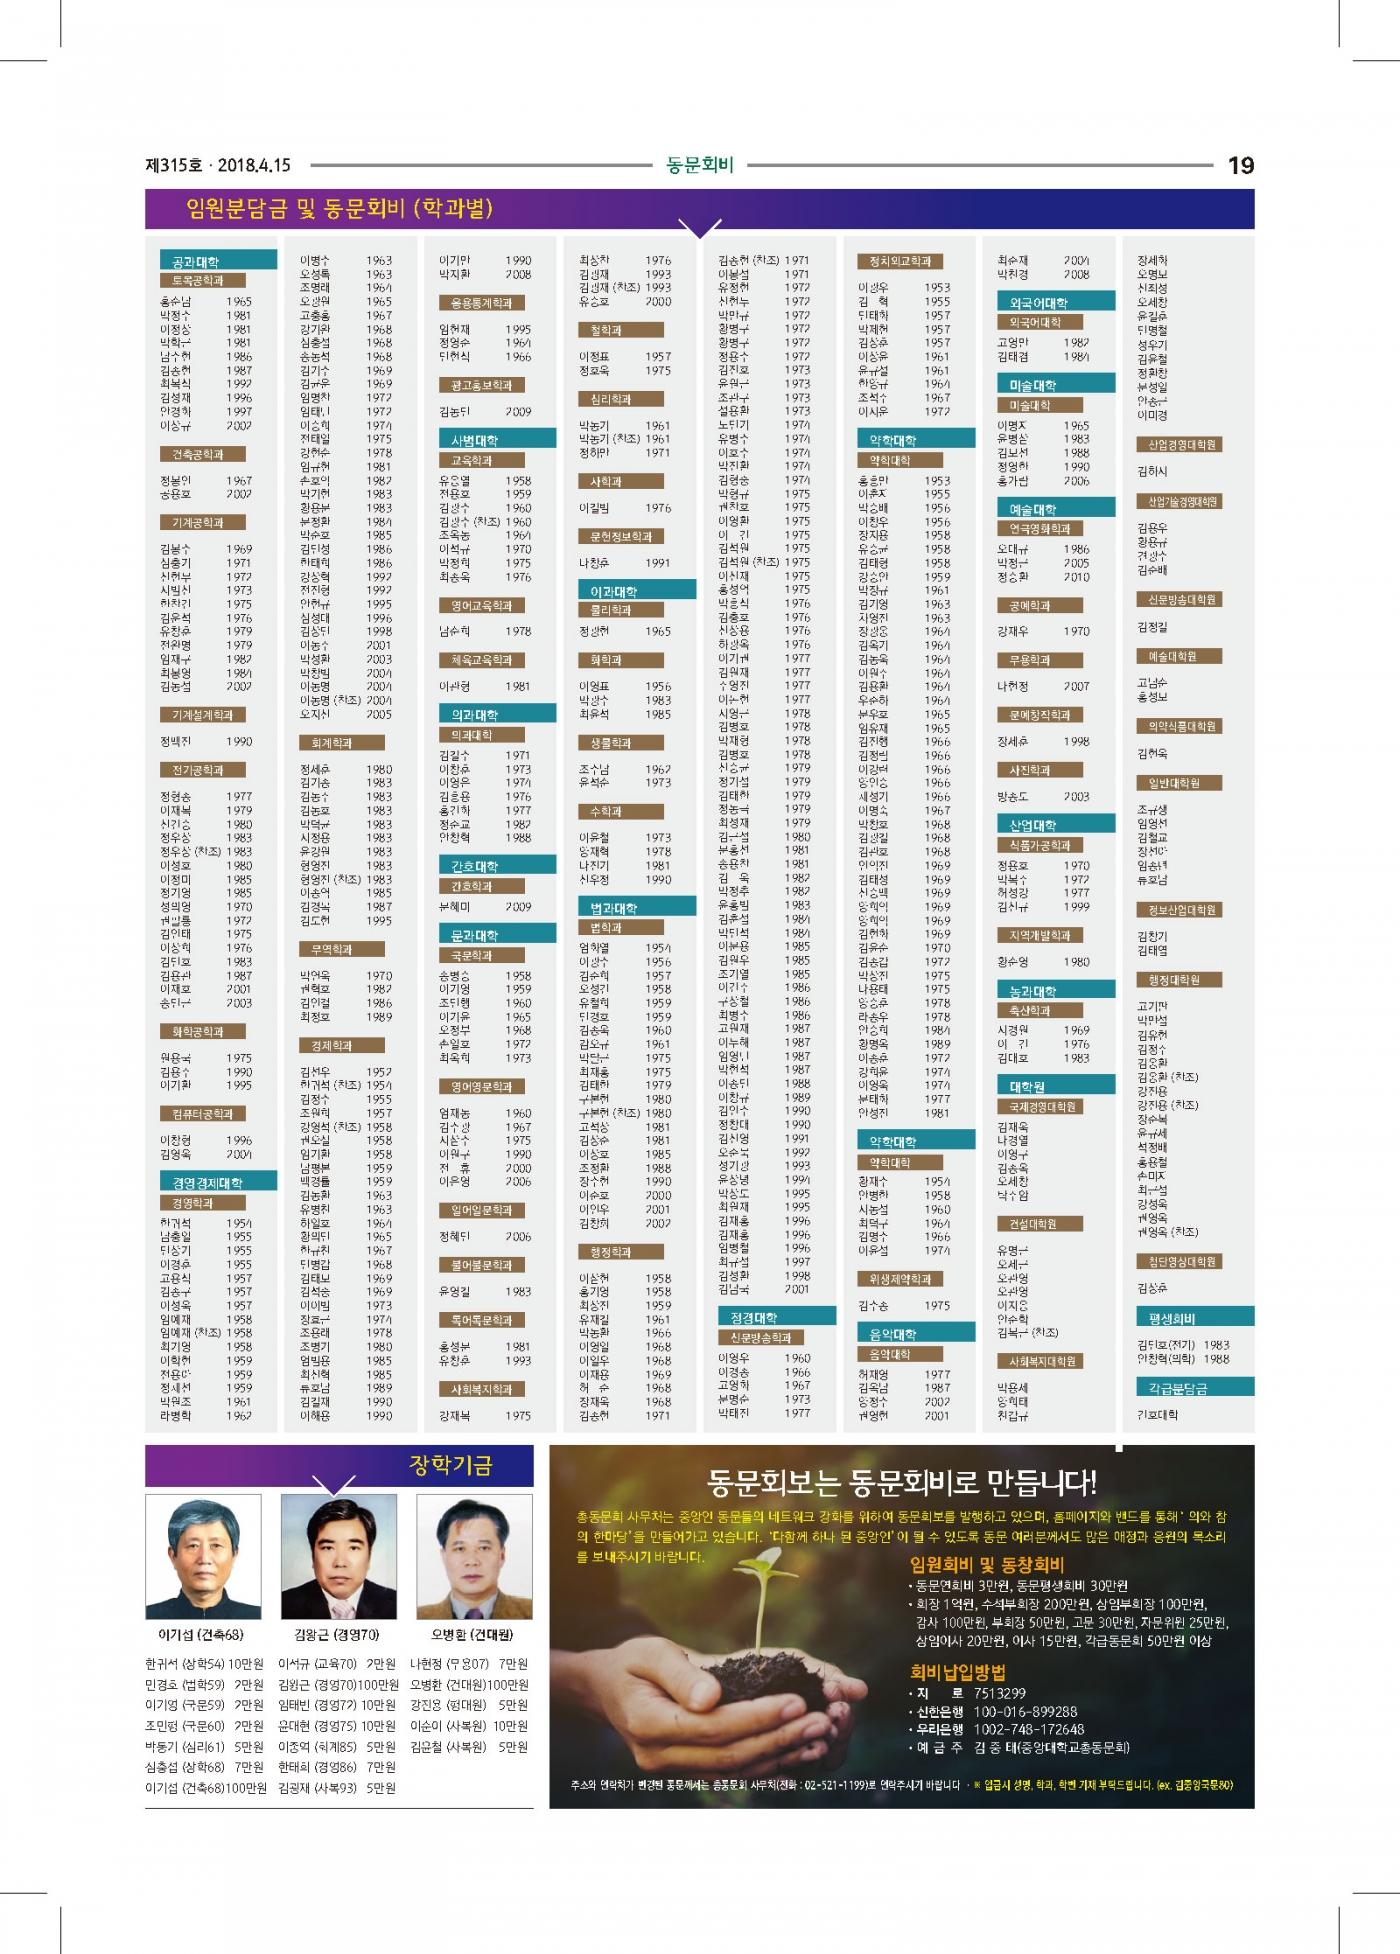 중총신문-18-4-23-인쇄OL1-19.jpg